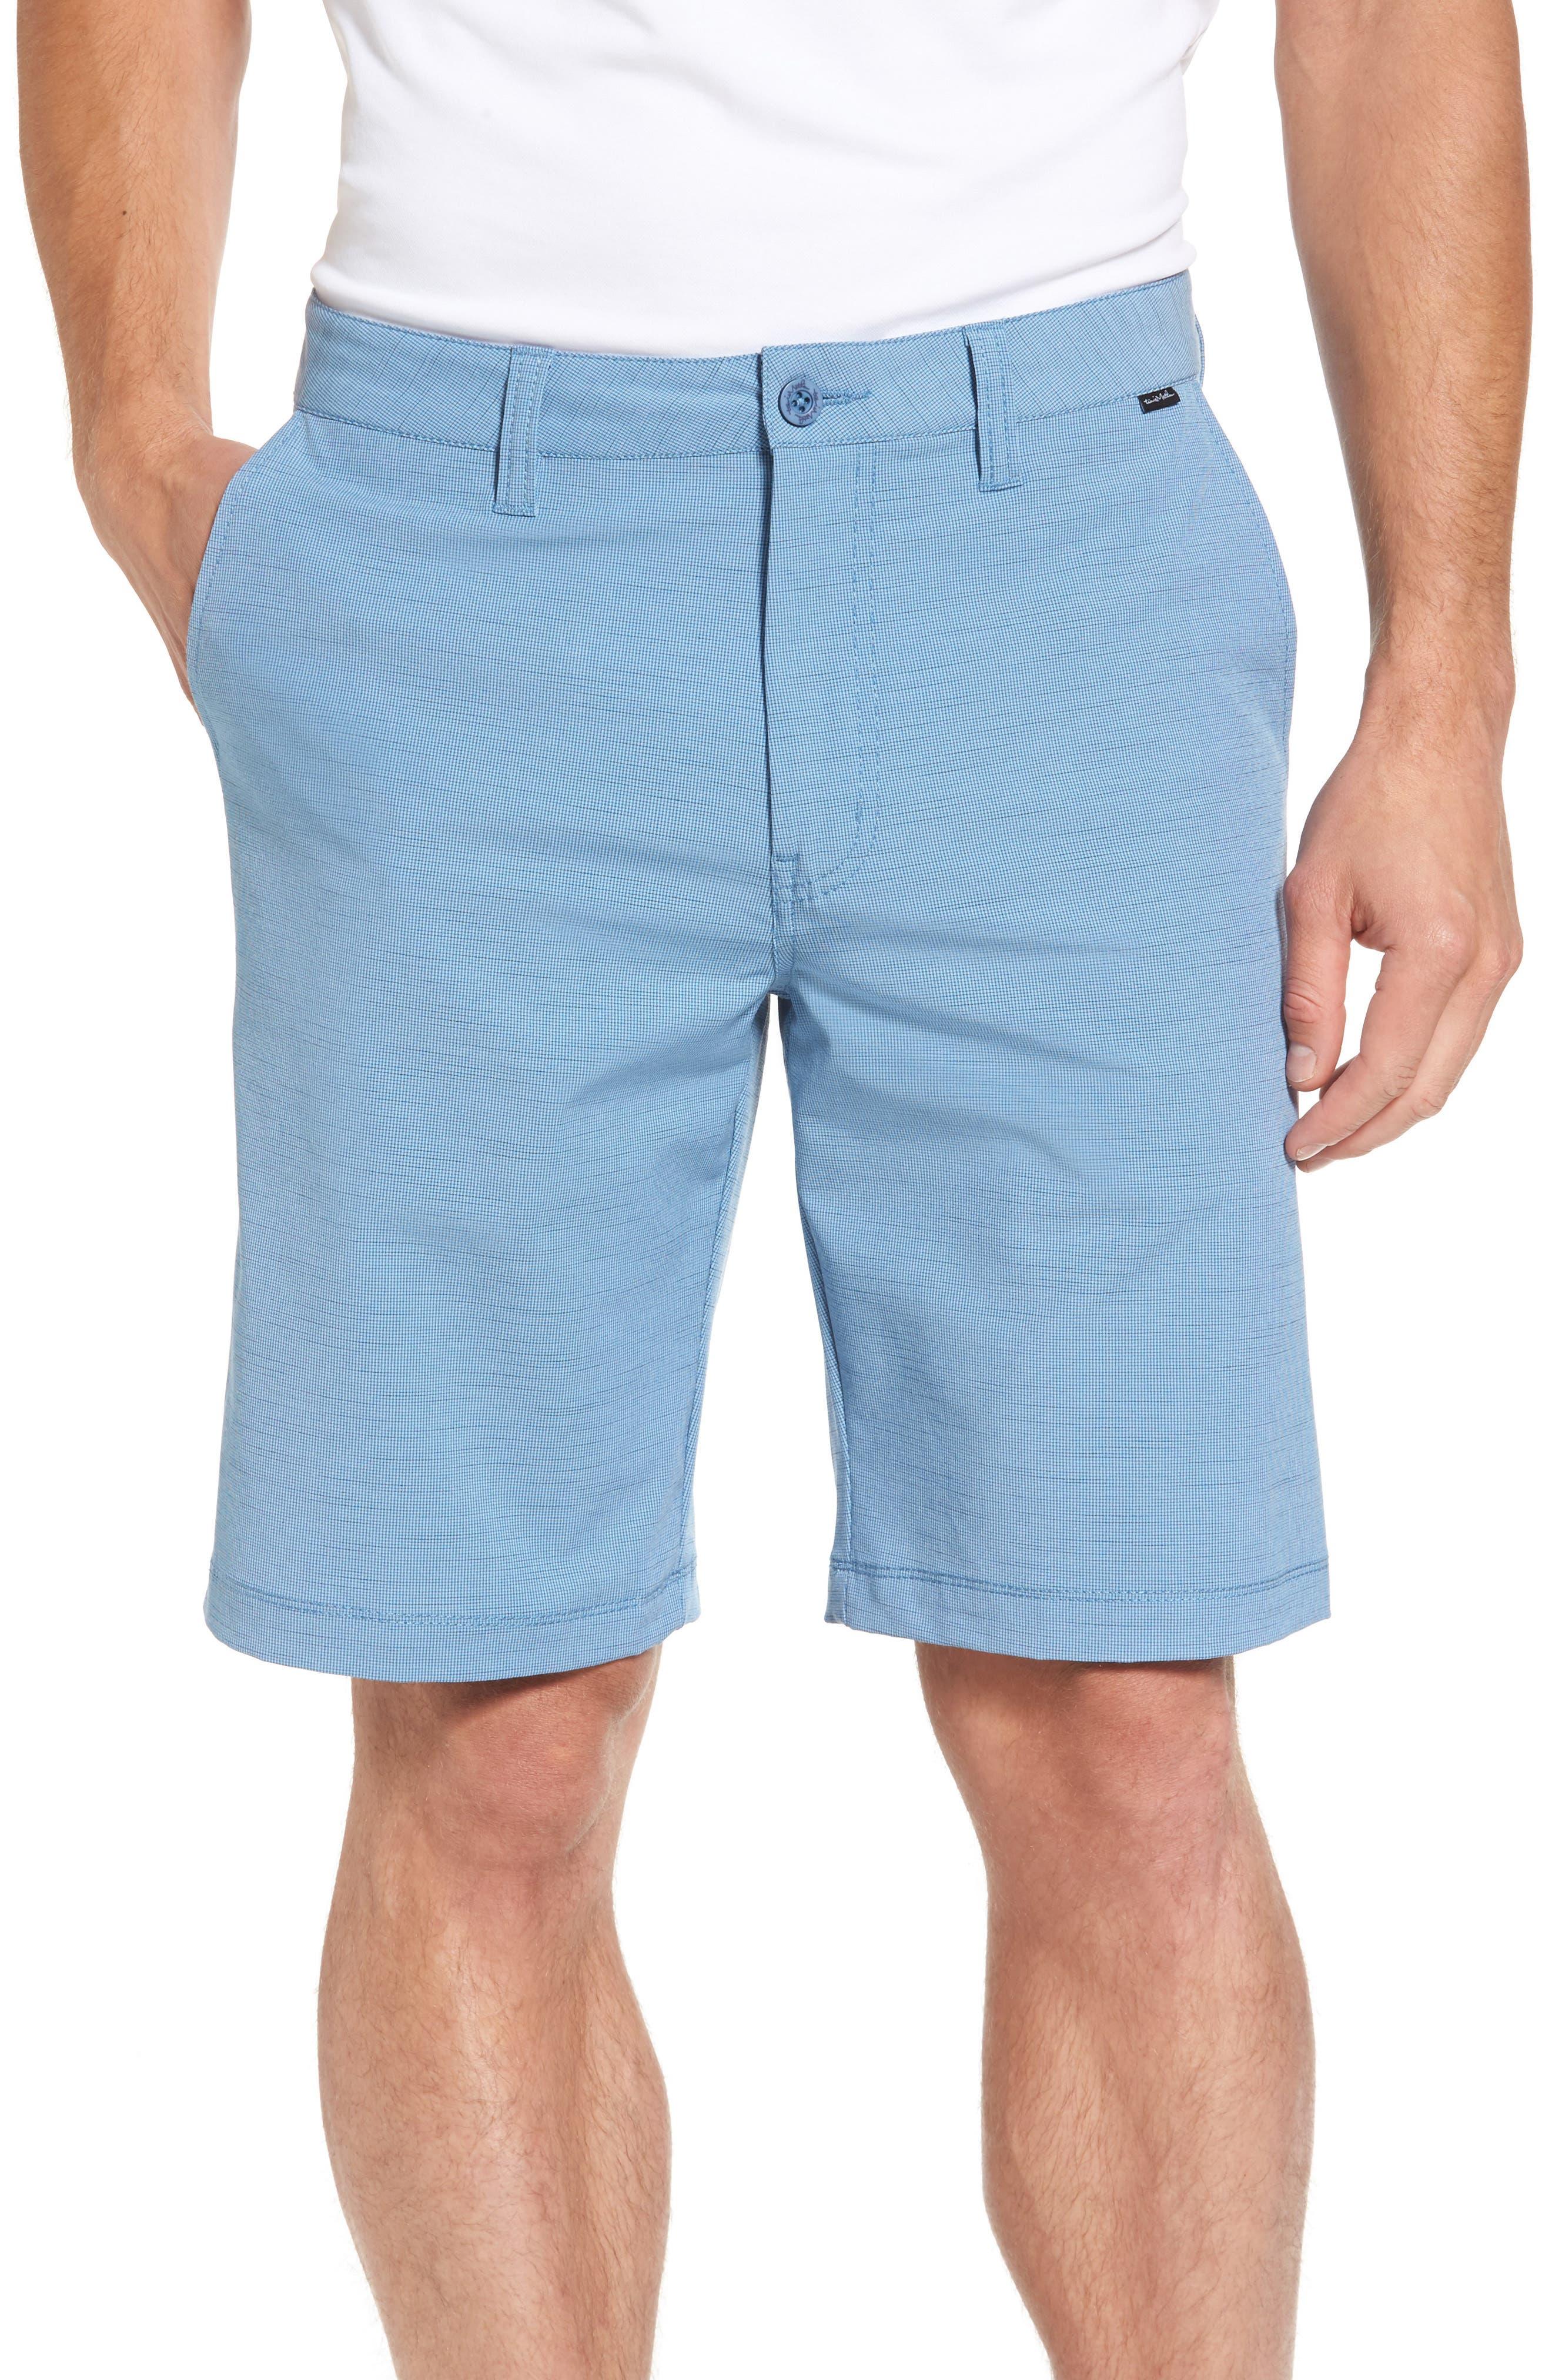 Fisher Shorts,                             Main thumbnail 1, color,                             401